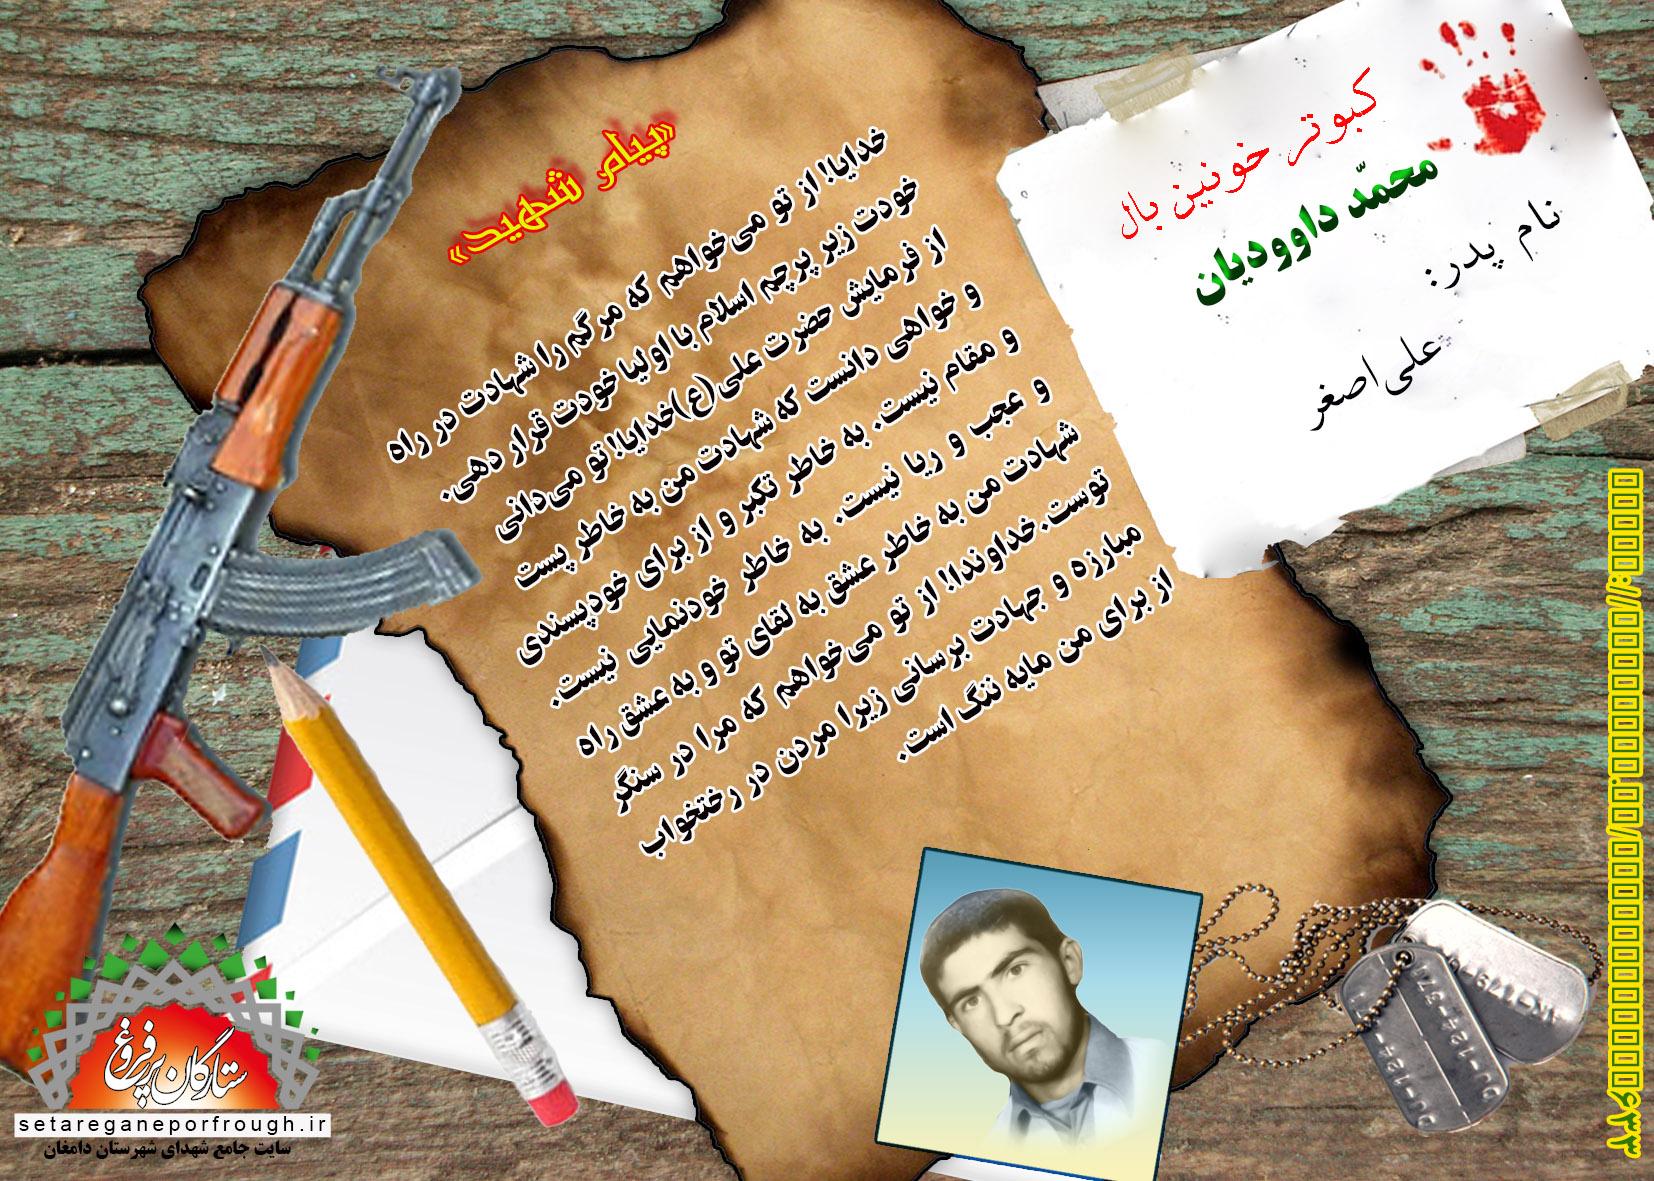 پیام و گزیده ای از وصیت نامه شهید محمد داوودیان